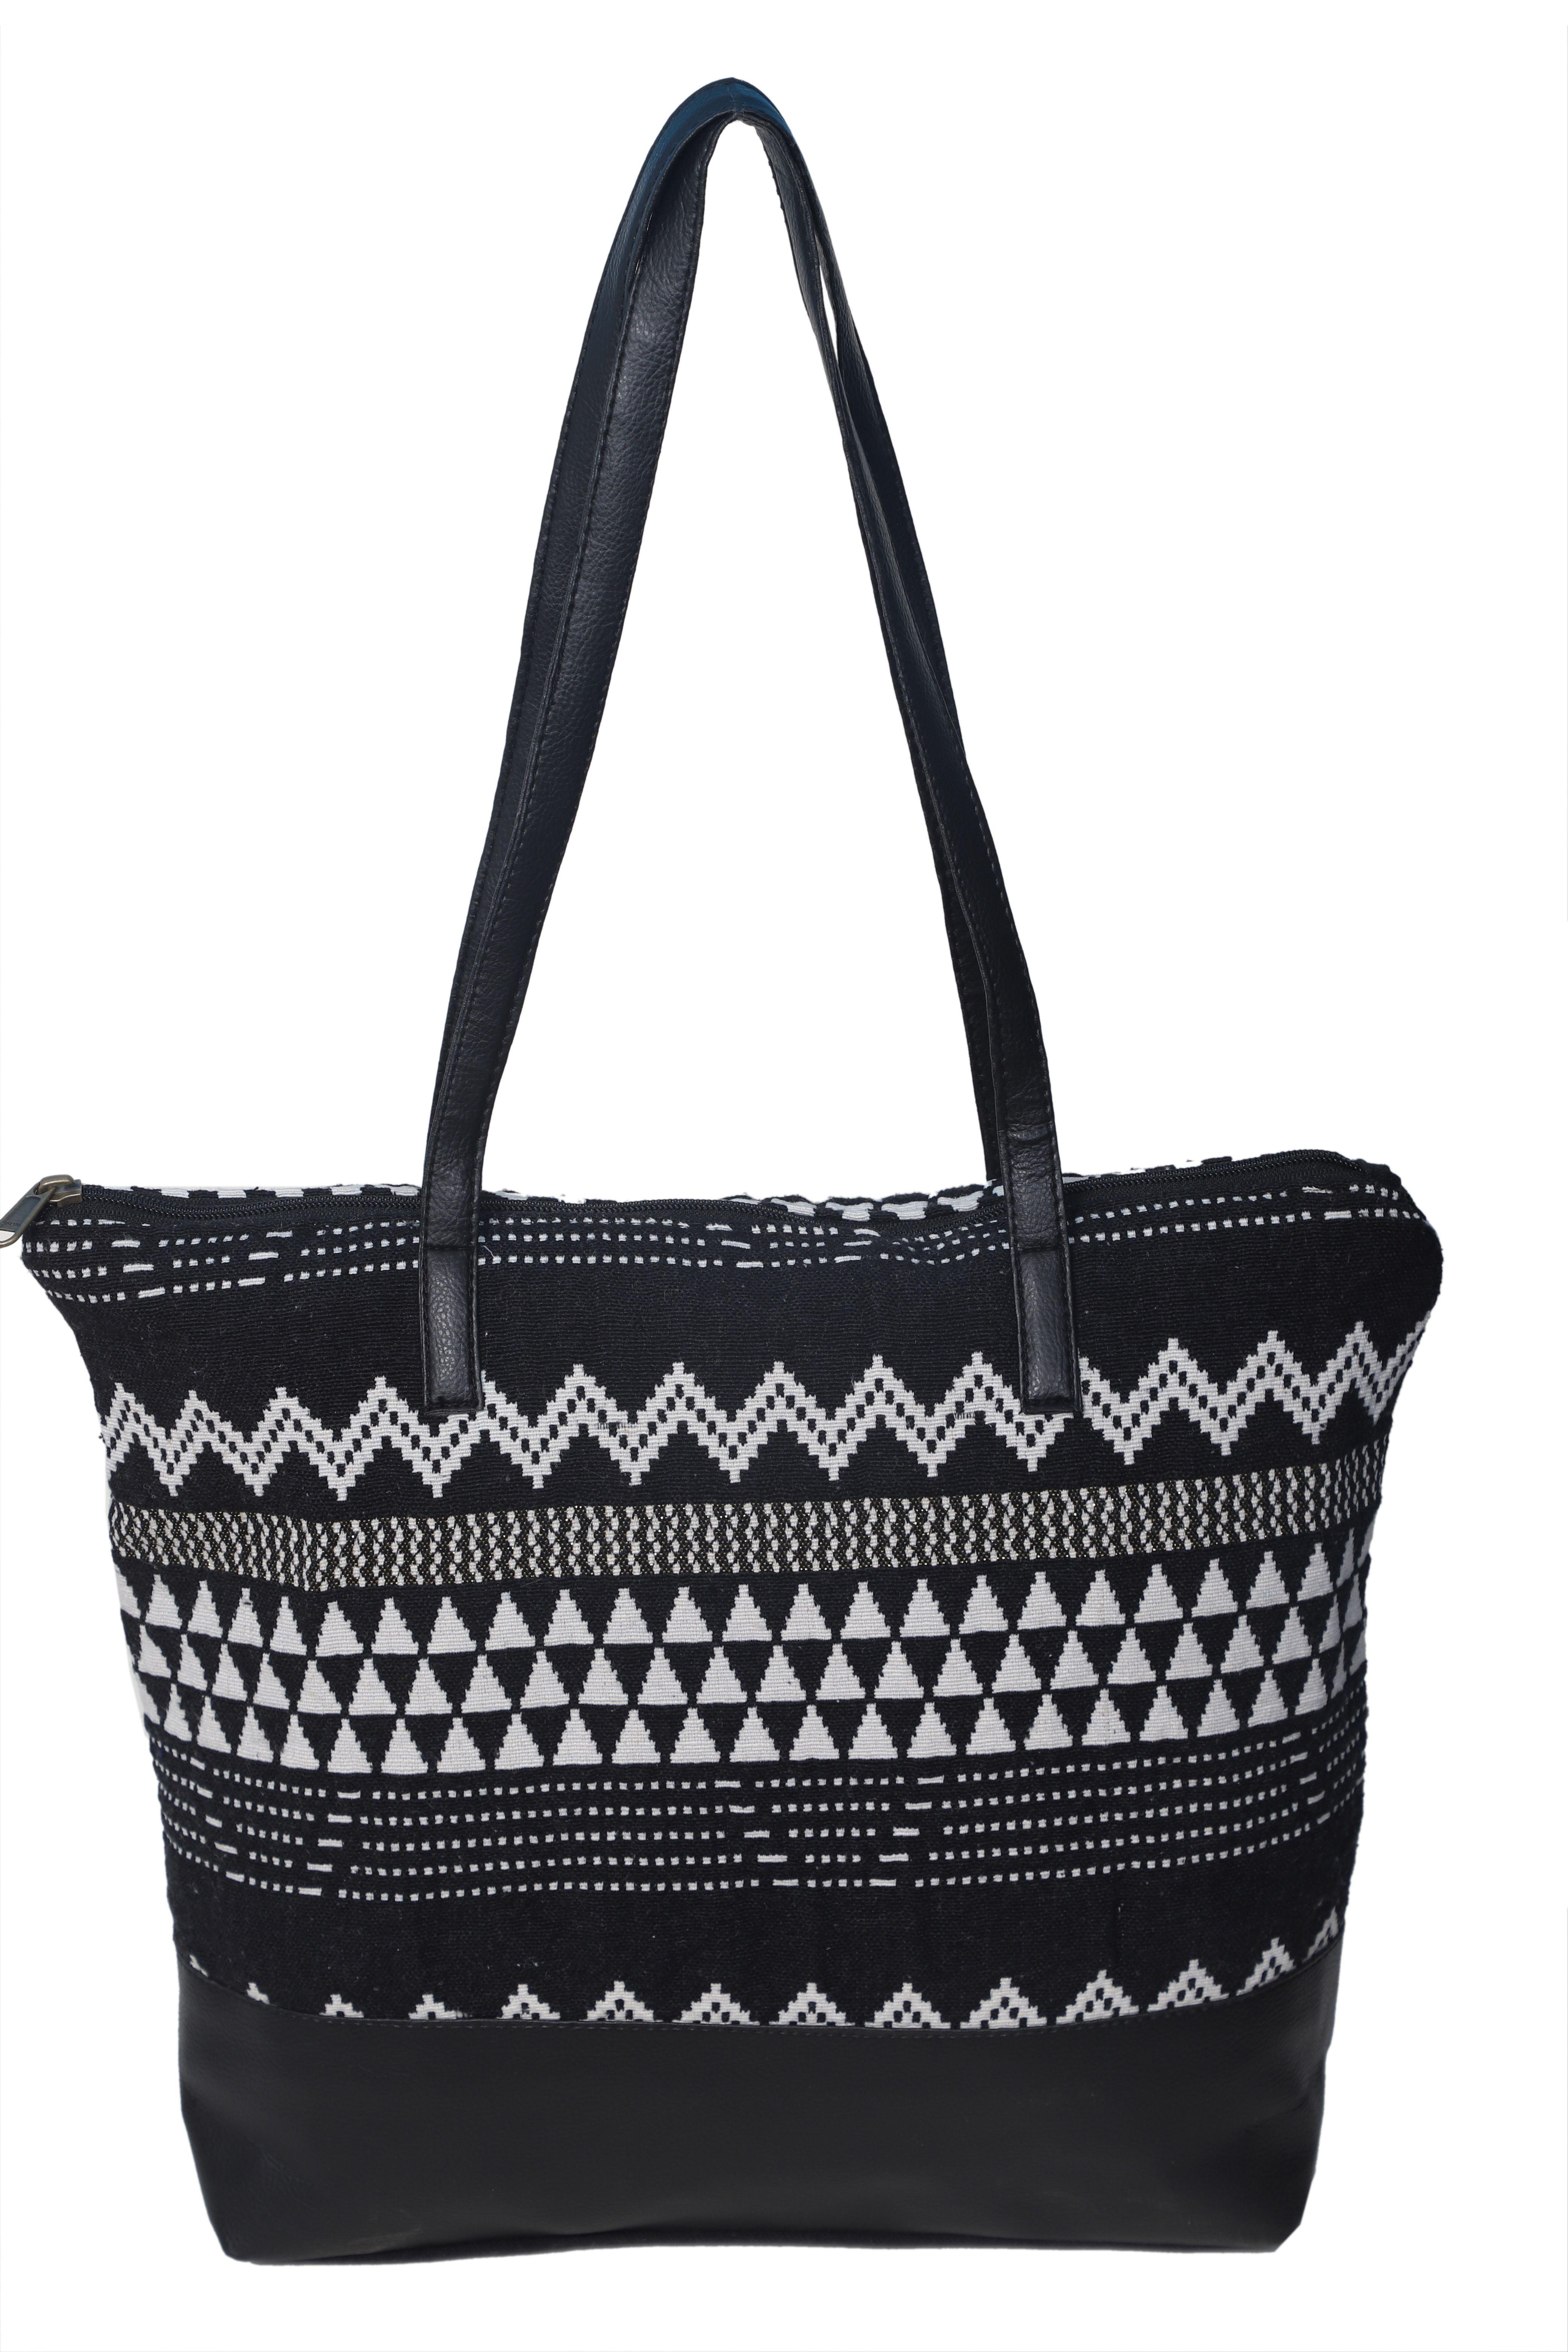 50f38810d94e MONTBLANC Handbag - Handbags E | YOOX.COM. Montblanc Handbag - Men  Montblanc Handbags online ...